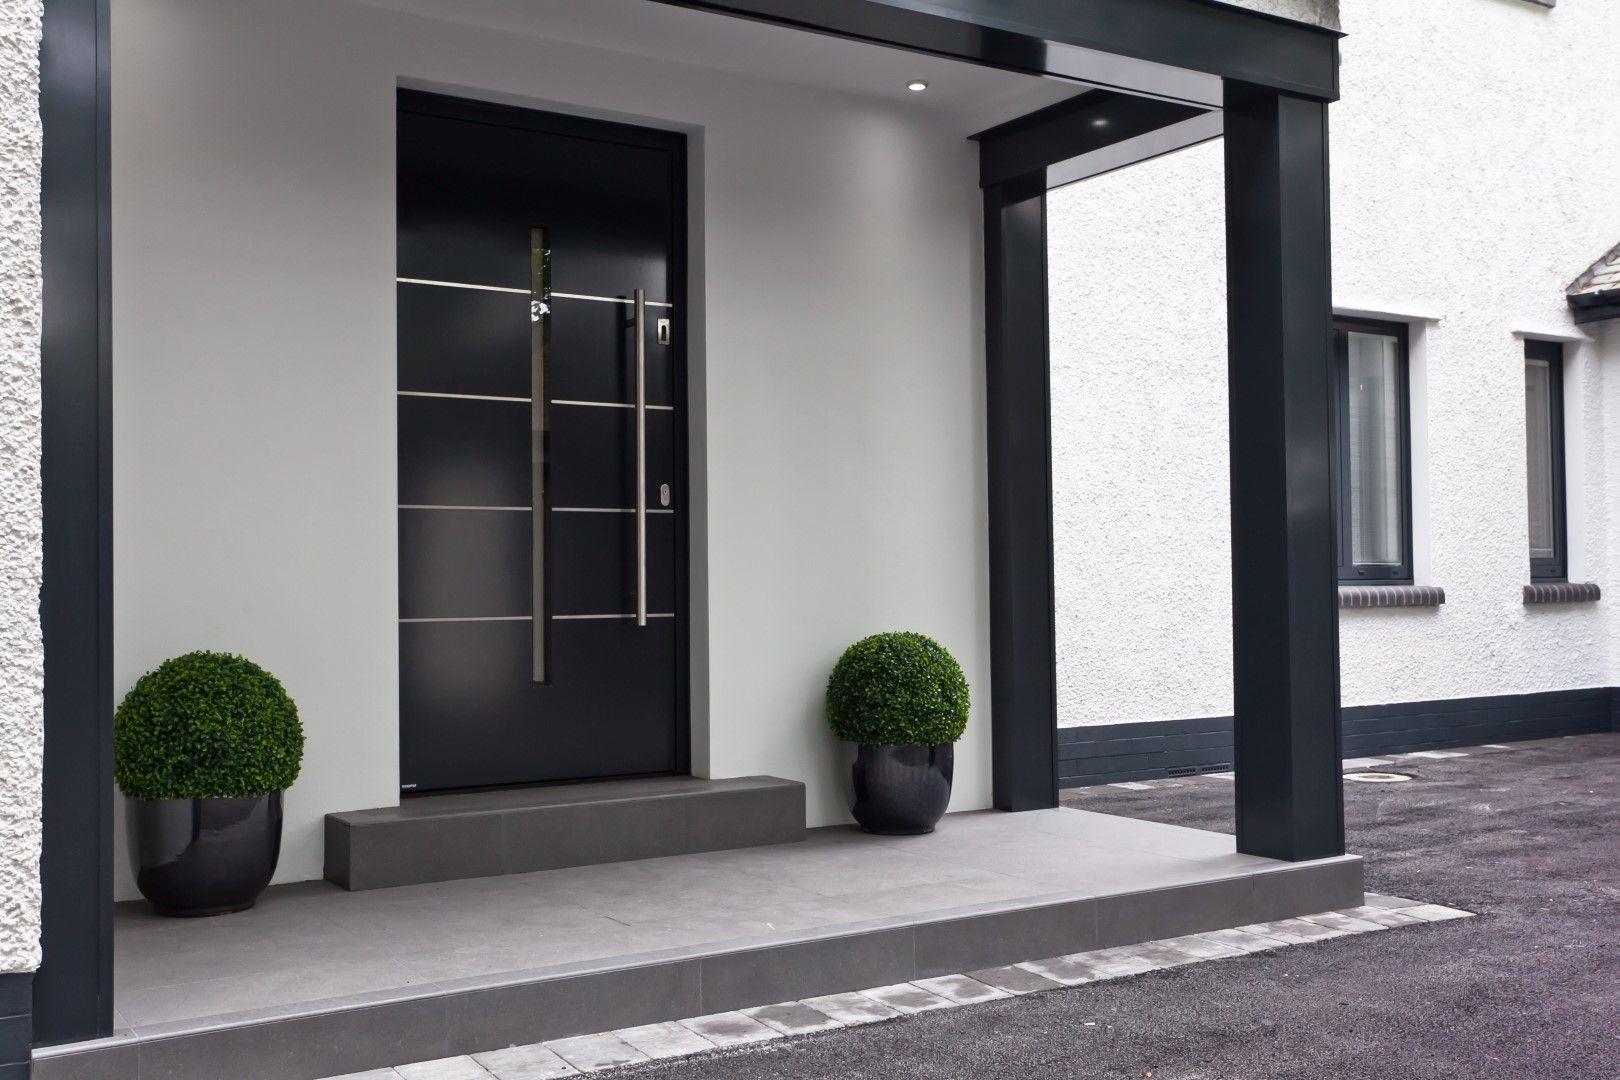 Почему стоит купить входные алюминиевые двери? Преимущества, недостатки, особенности конструкции